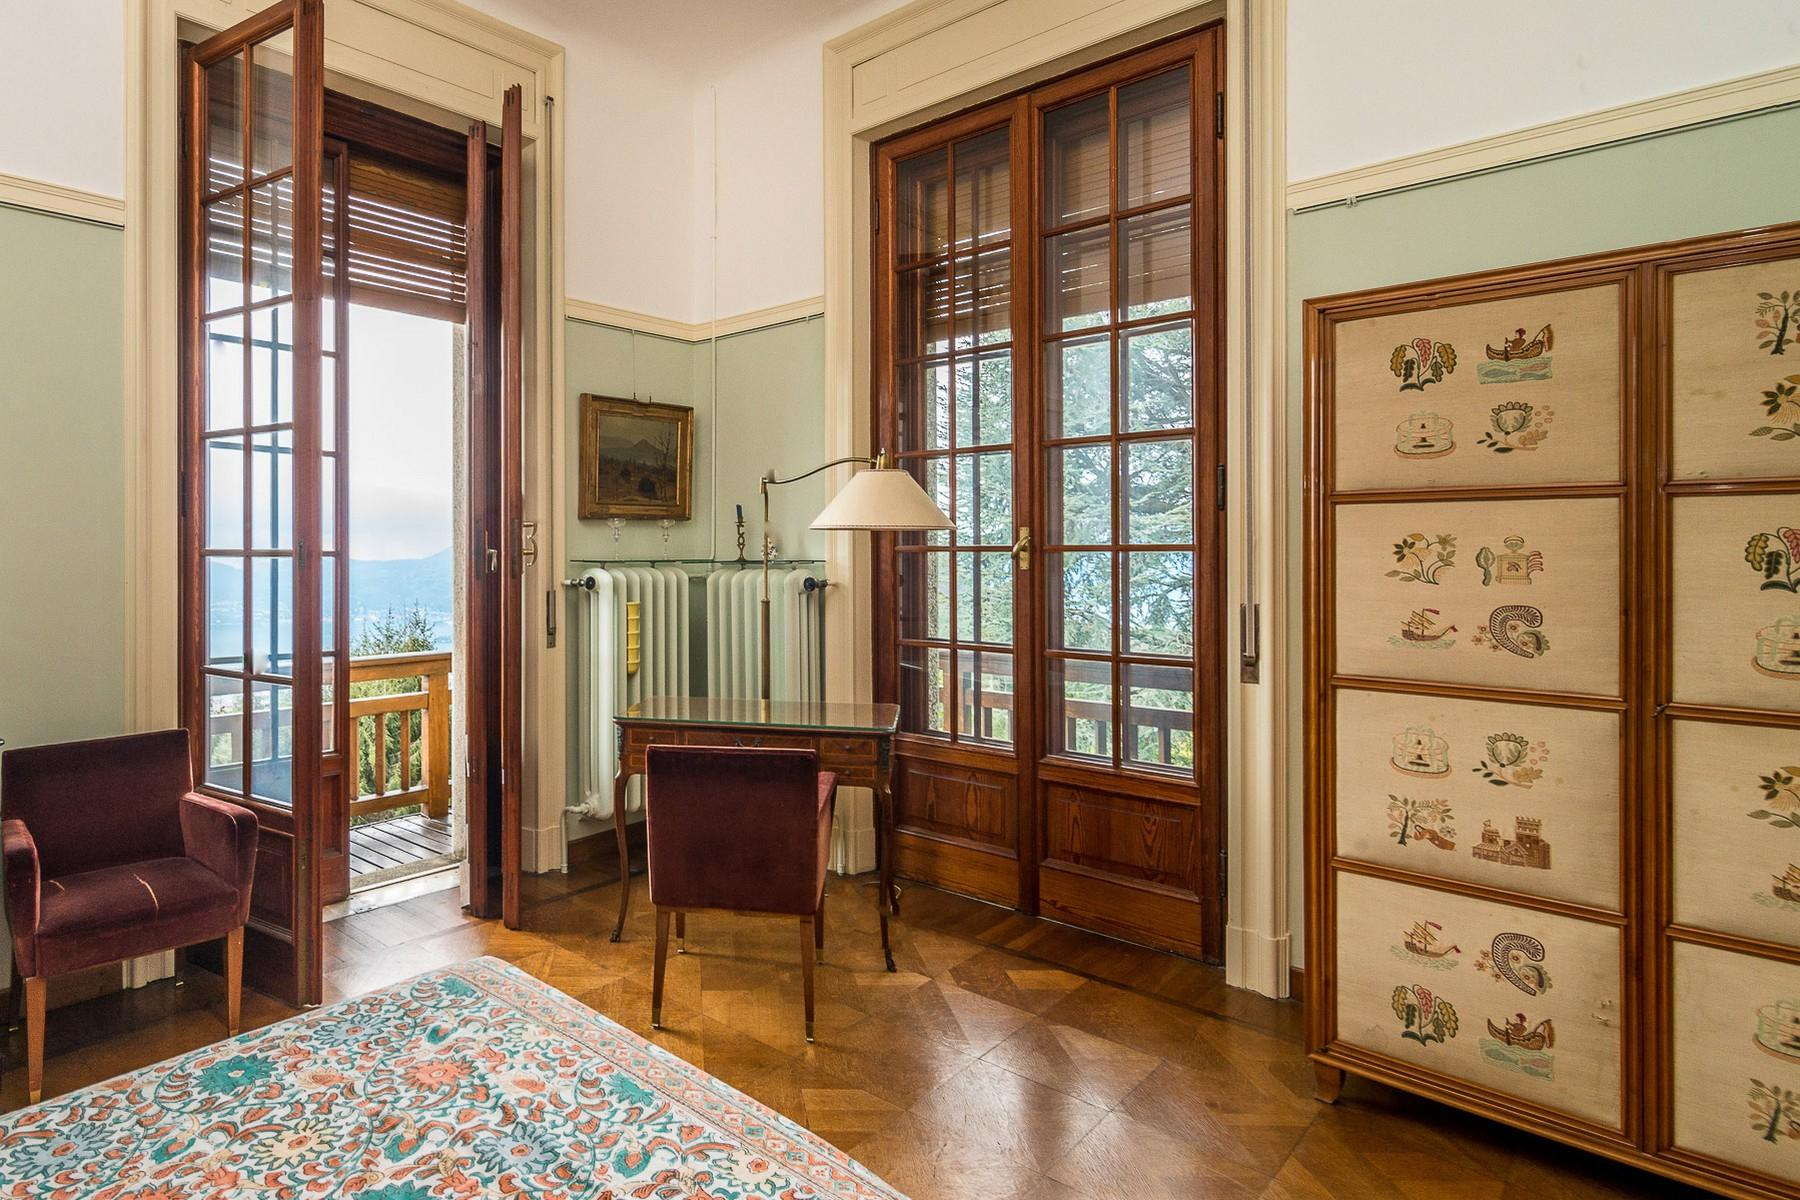 Villa historique dans un parc centenaire sur lac Majeur - 13